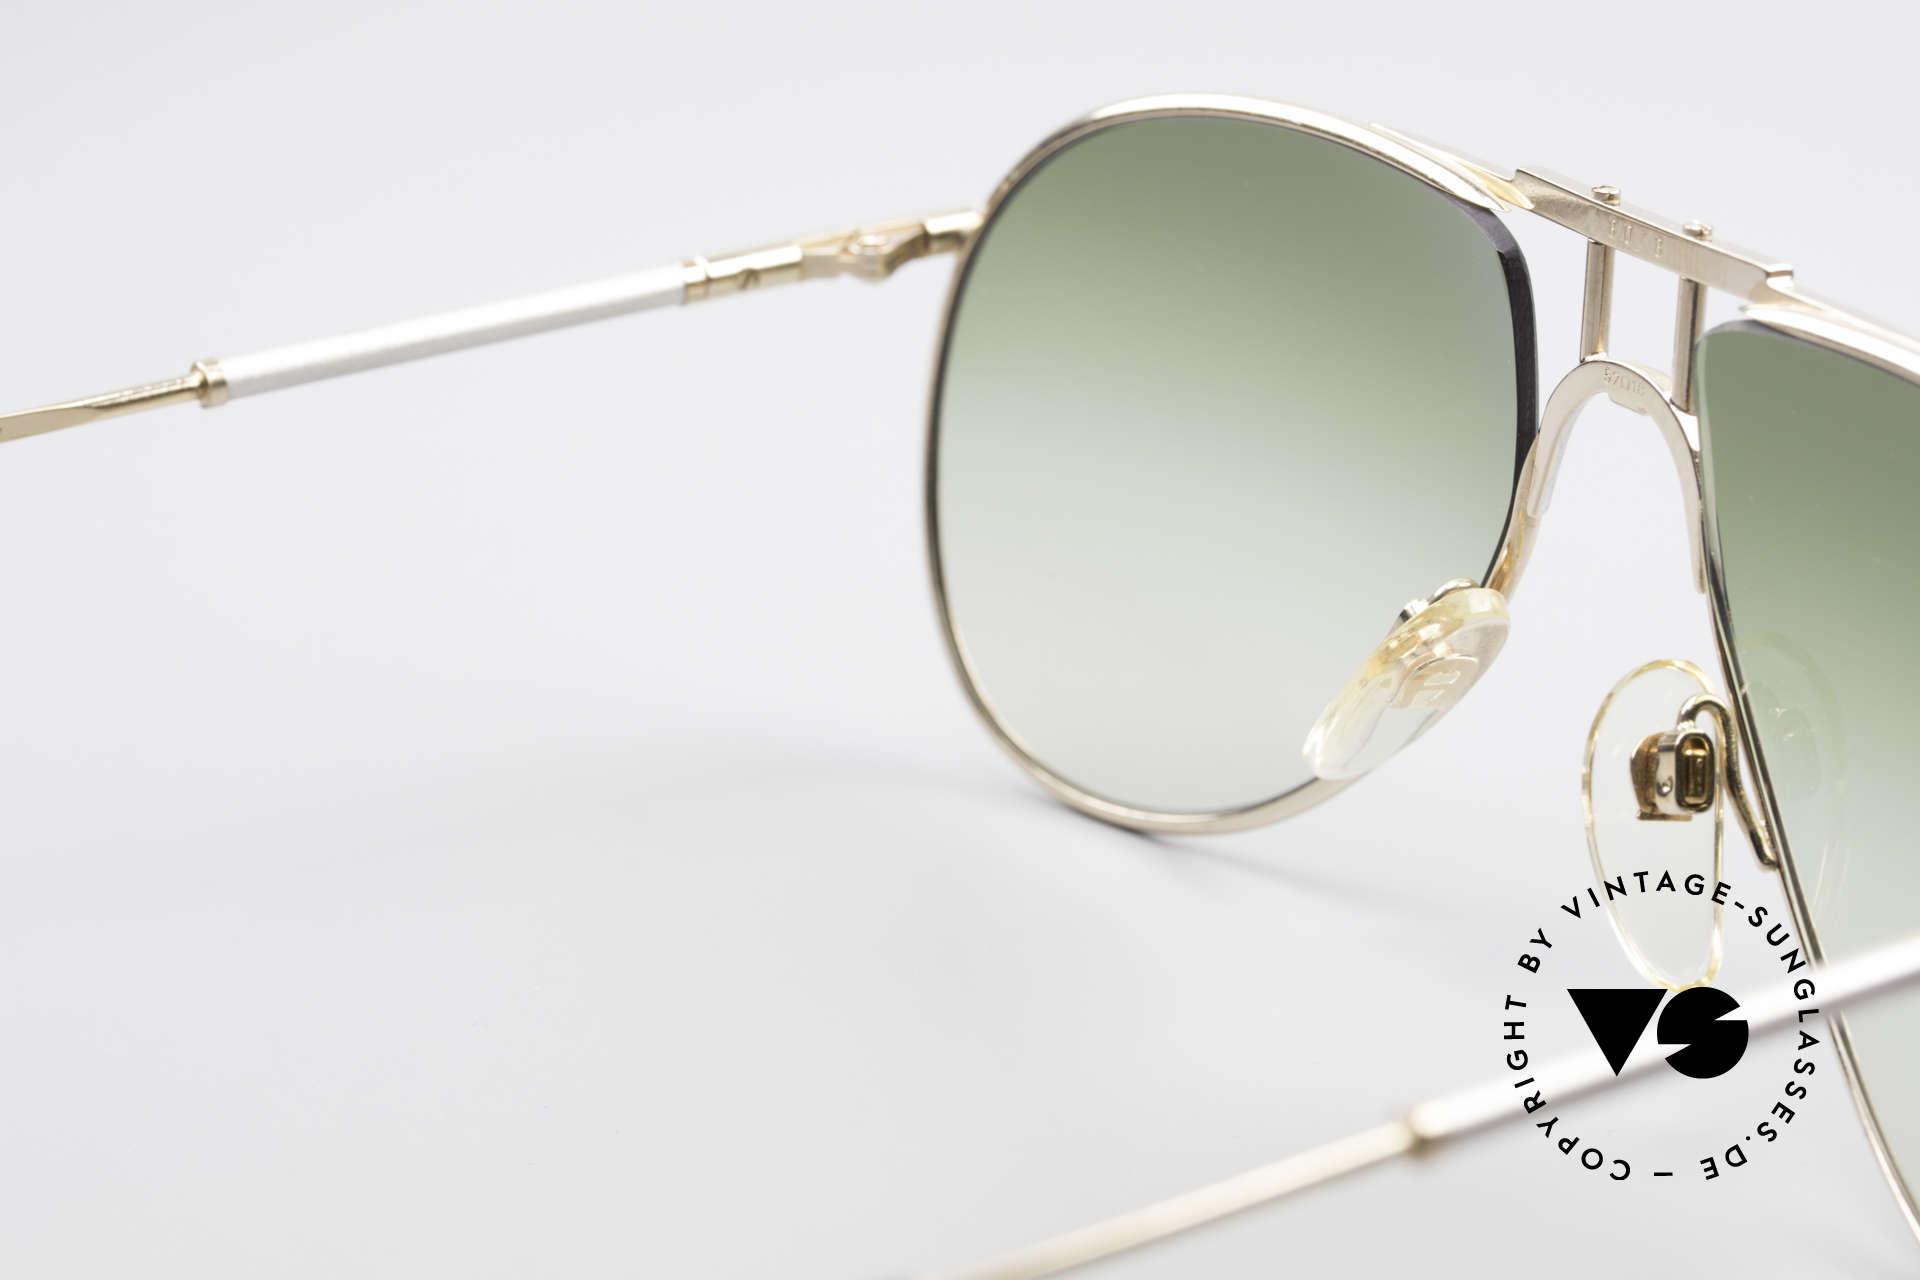 Aigner EA4 80er Luxus Sonnenbrille Herren, ungetragen (wie alle unsere seltenen Aigner Brillen), Passend für Herren